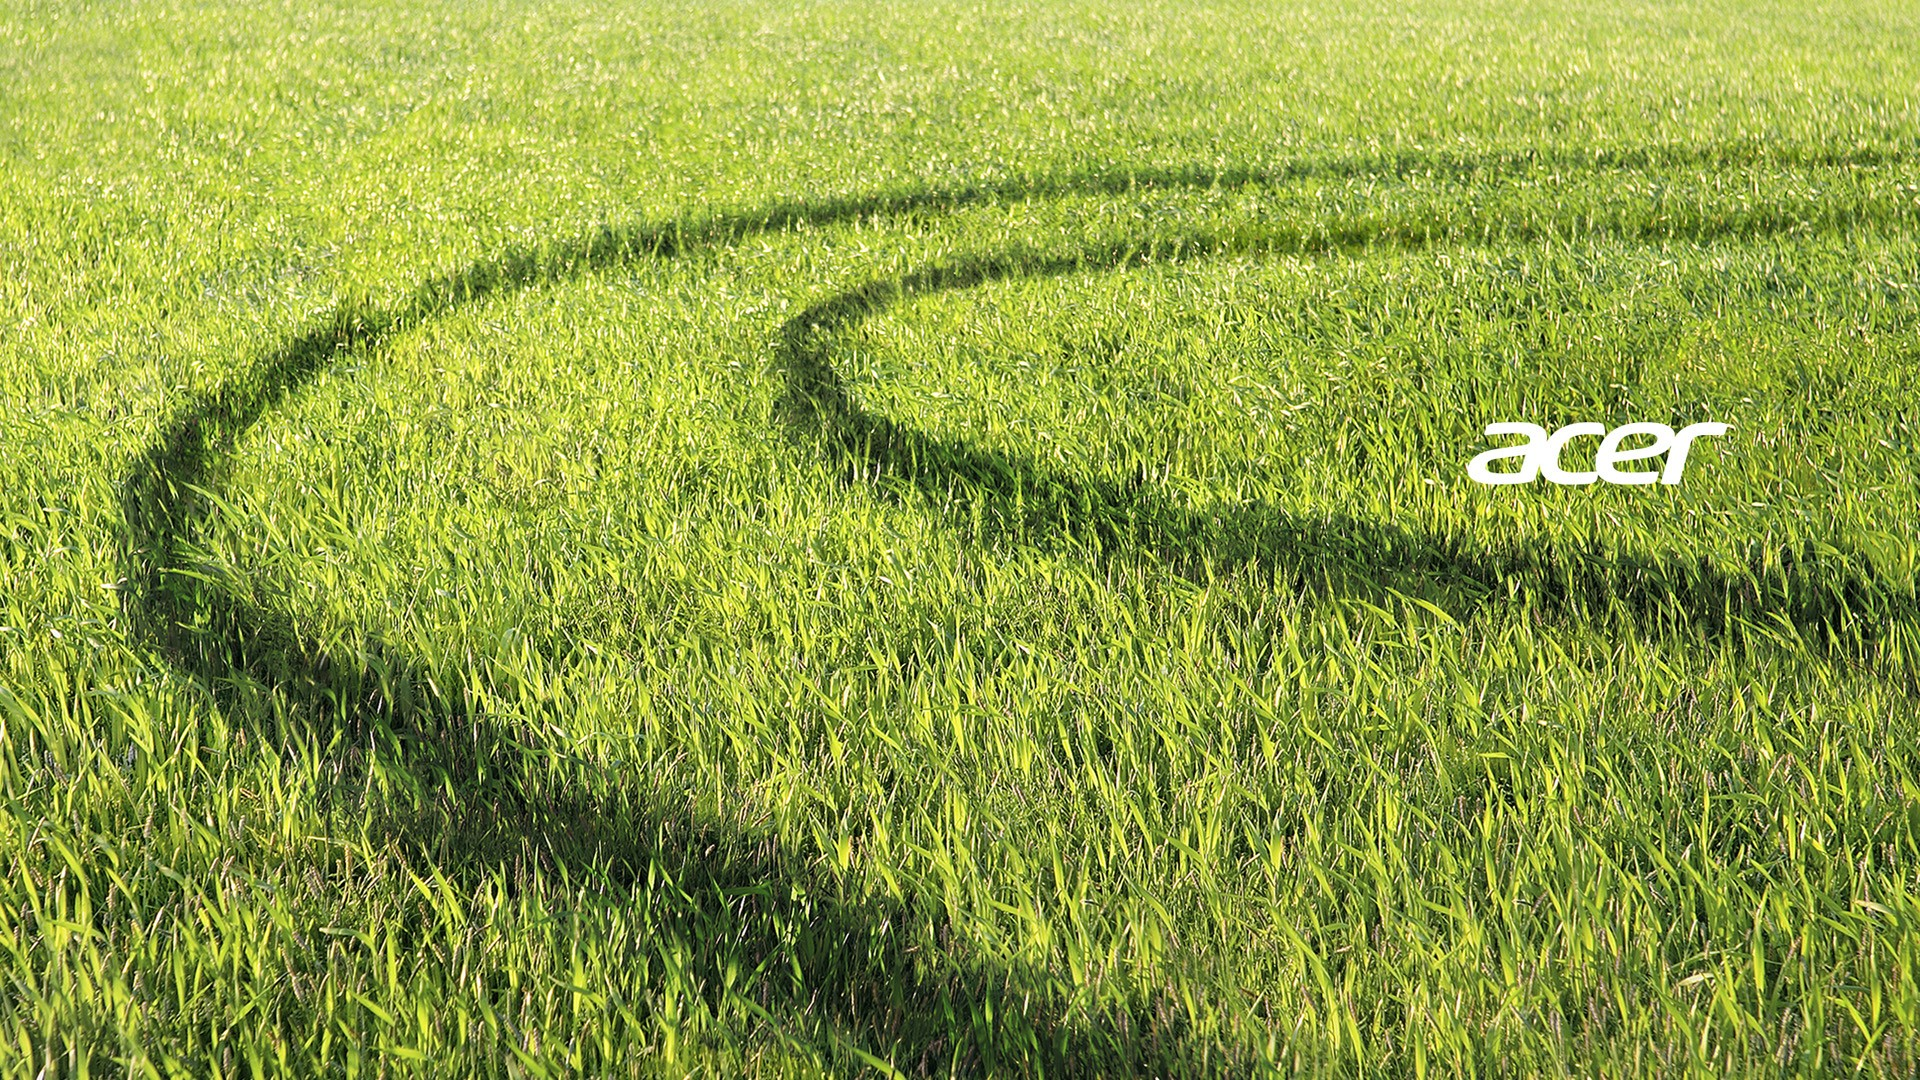 Acer Green Field Wallpaper 1920x1080 1080p